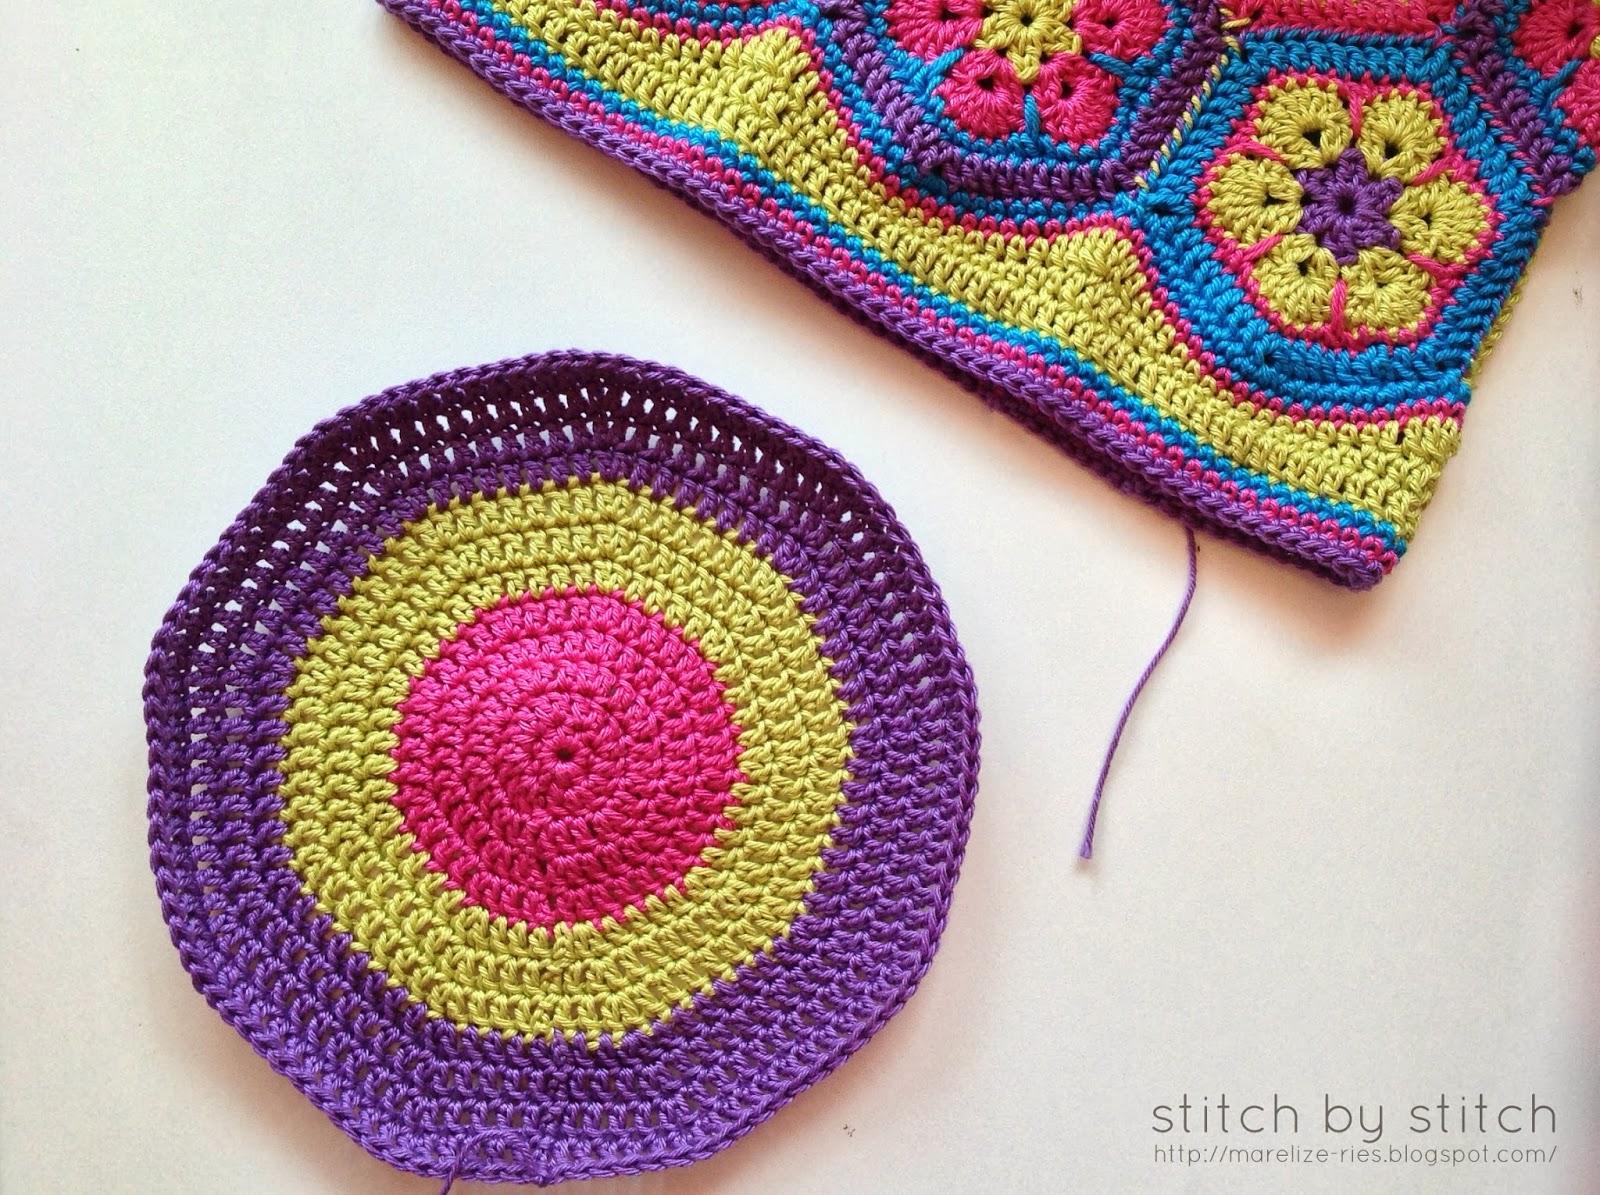 African Flower Crochet Pattern Tutorial : Stitch by Stitch: African Flower Crochet Bag - Lining Tutorial